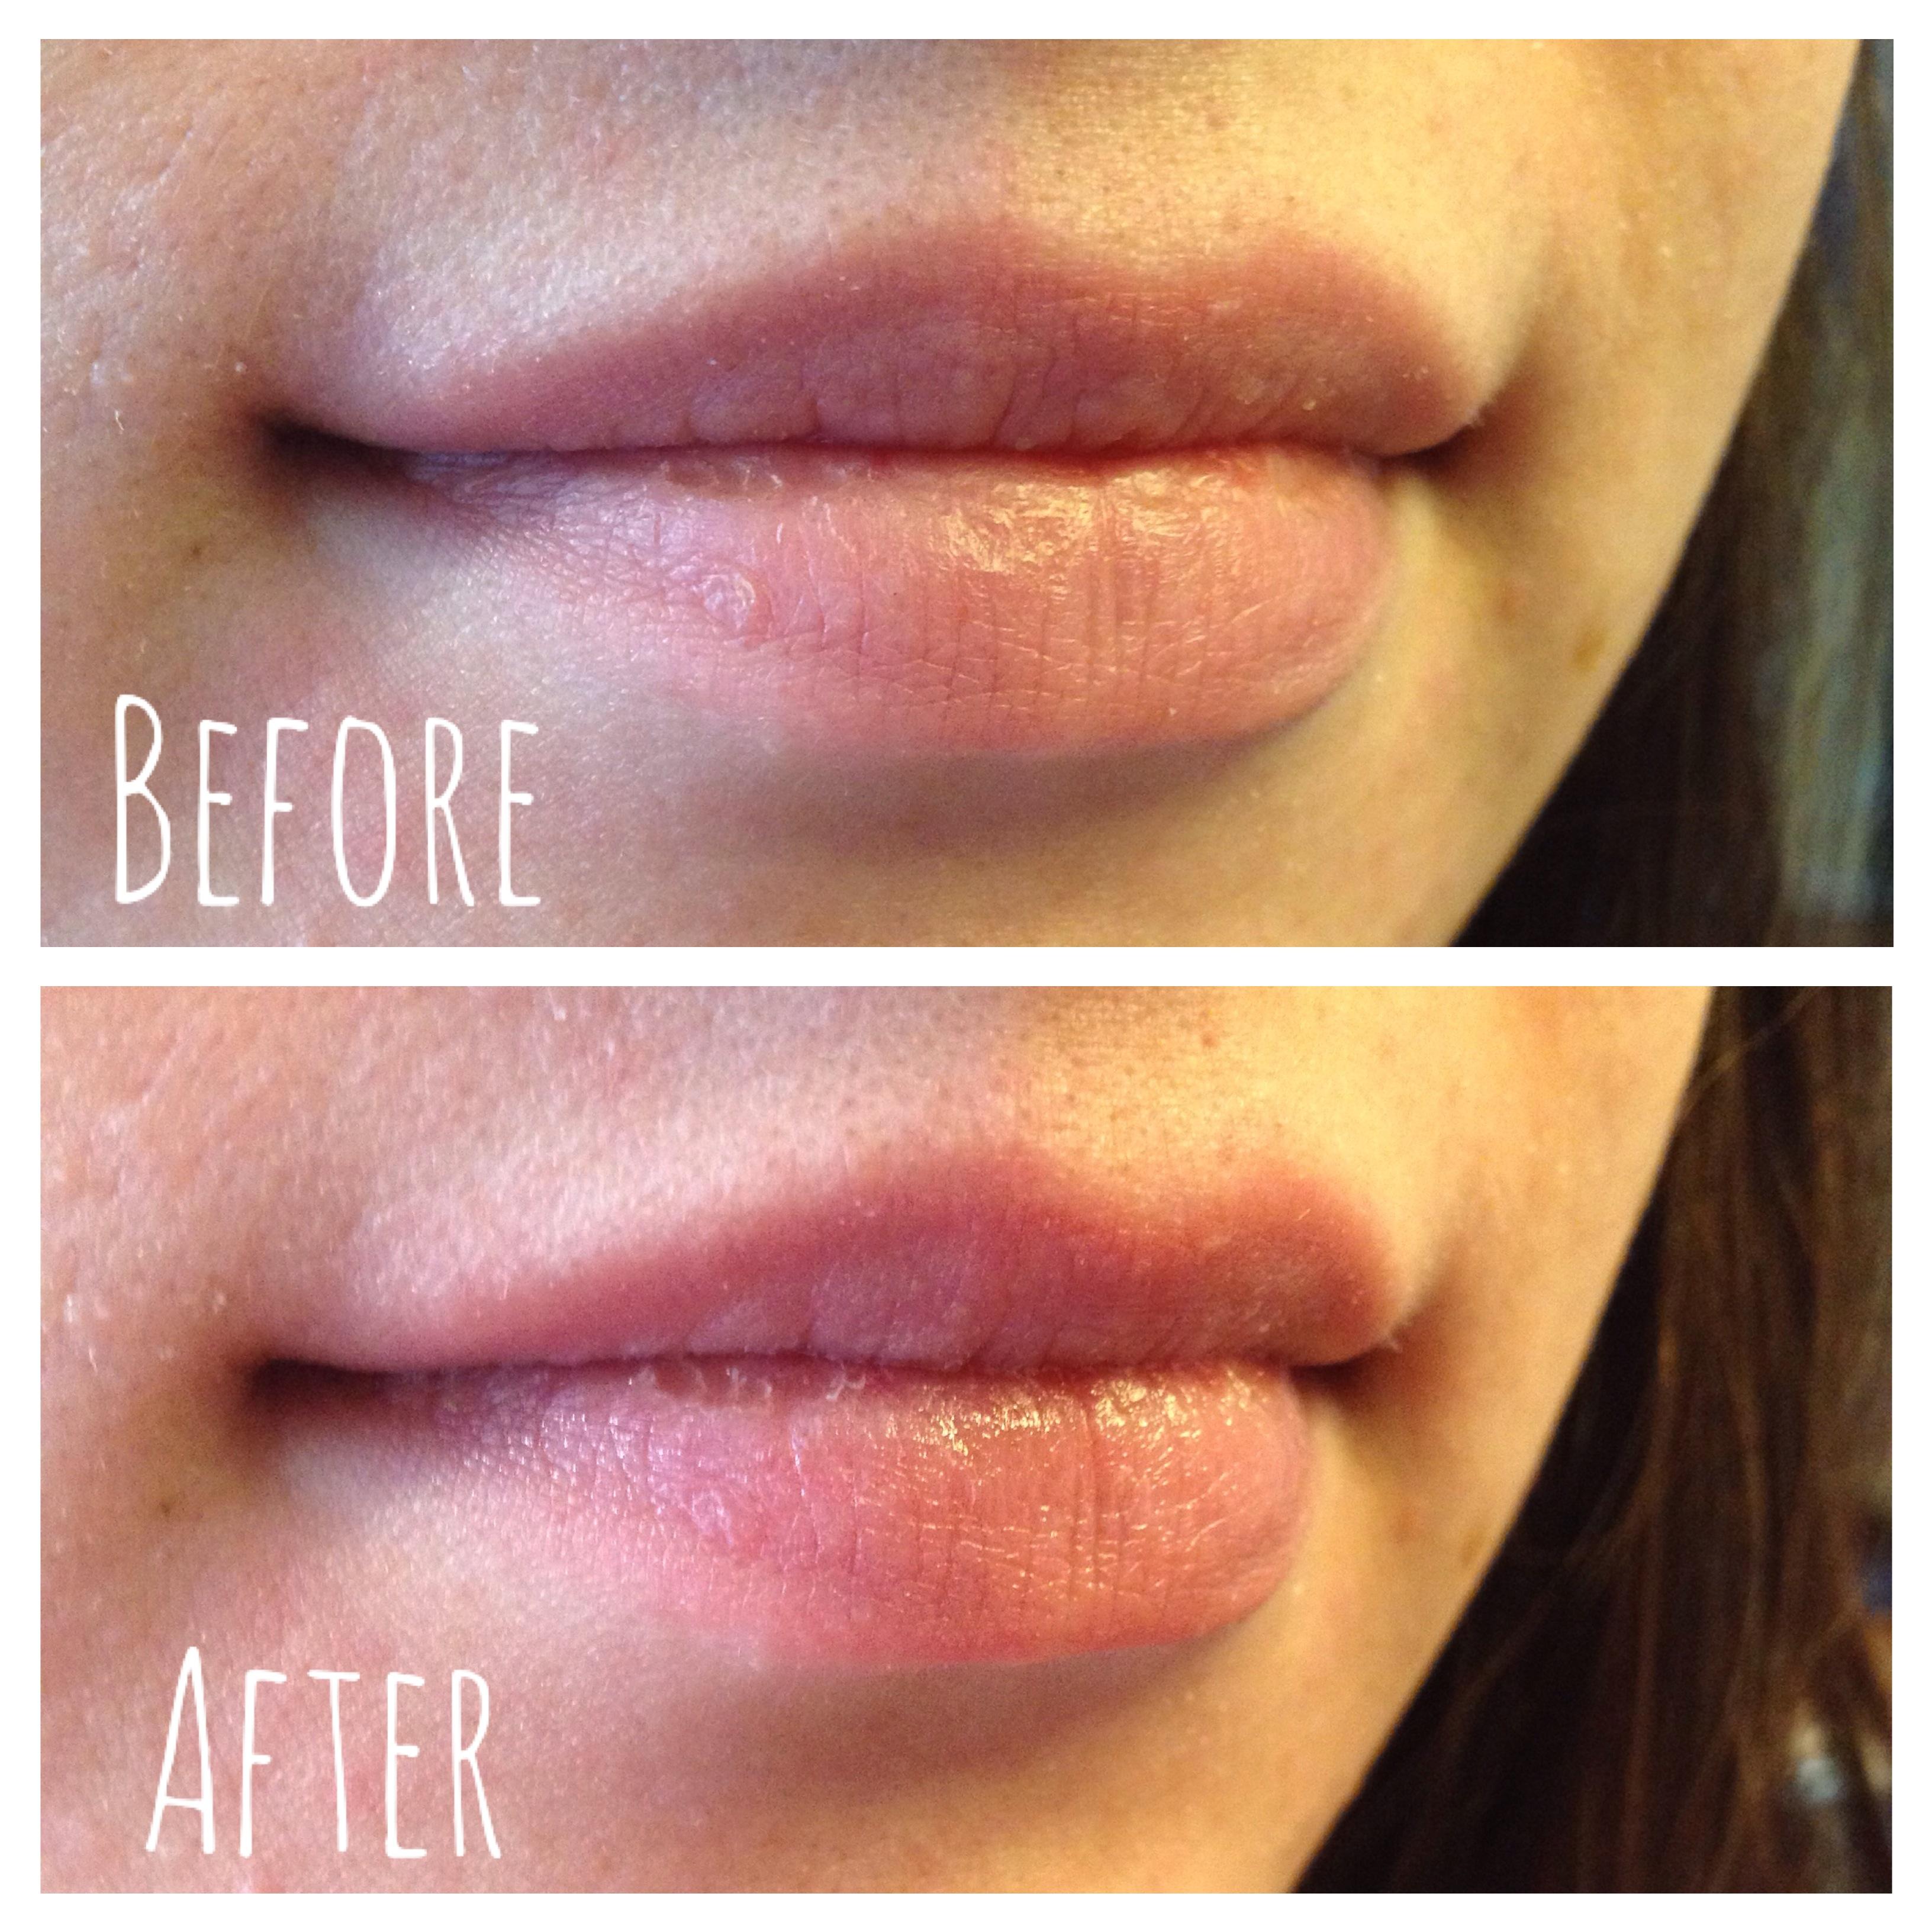 Drug Store Nivea Lip Butter Image 4